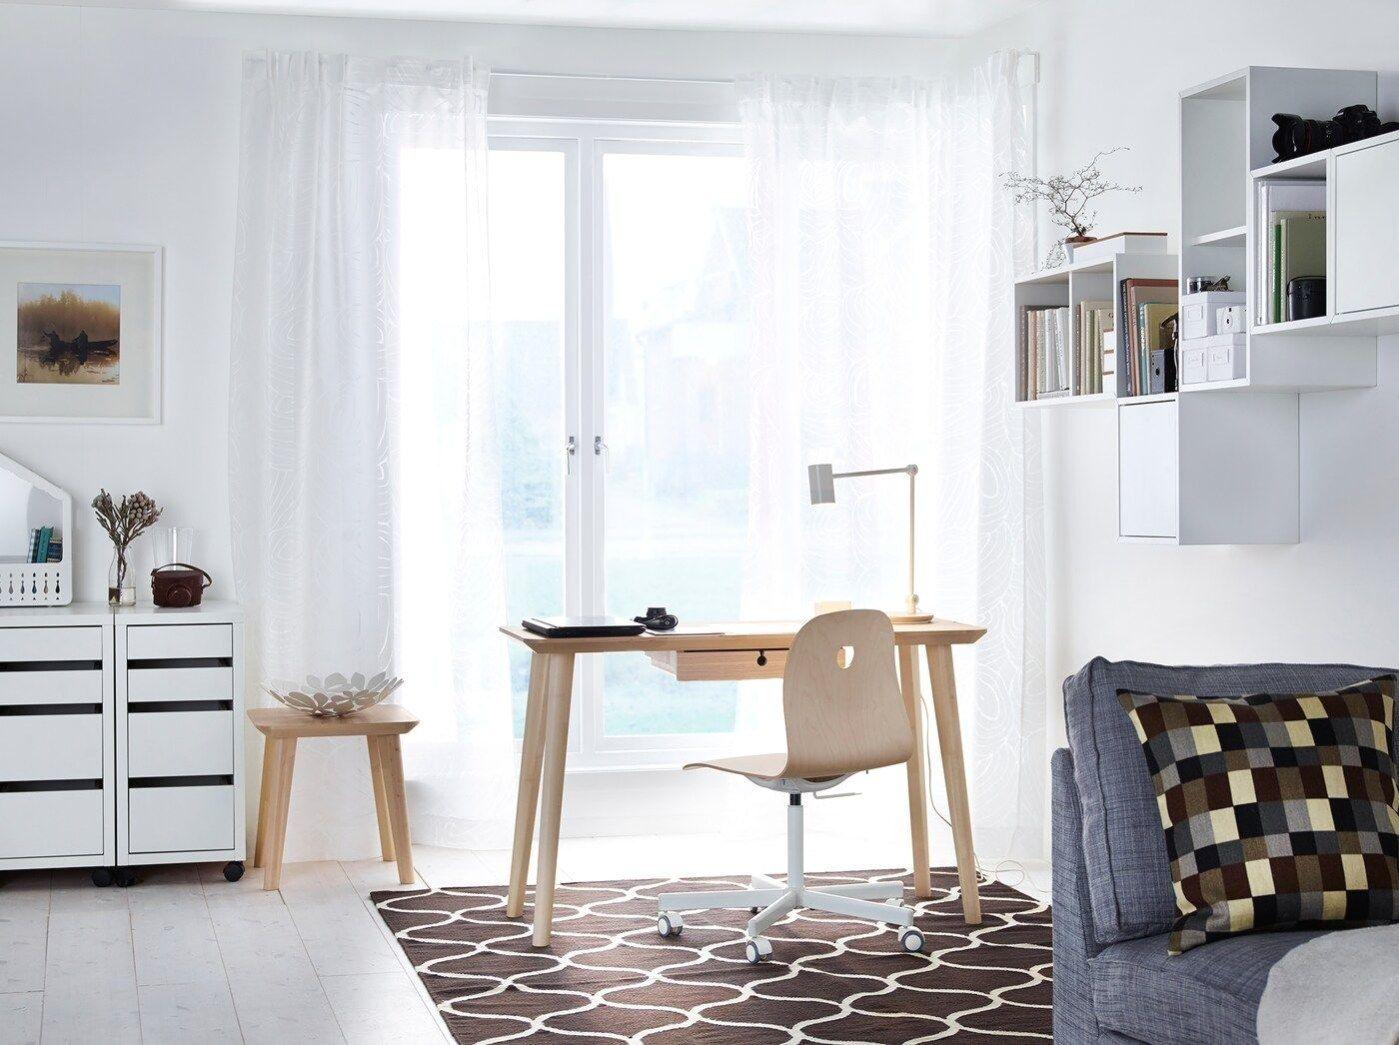 Arbeitsplatz In Wohnzimmer Integrieren In 2020 Arbeitszimmer Zuhause Hausburo Schreibtische Wohnzimmer Schreibtisch